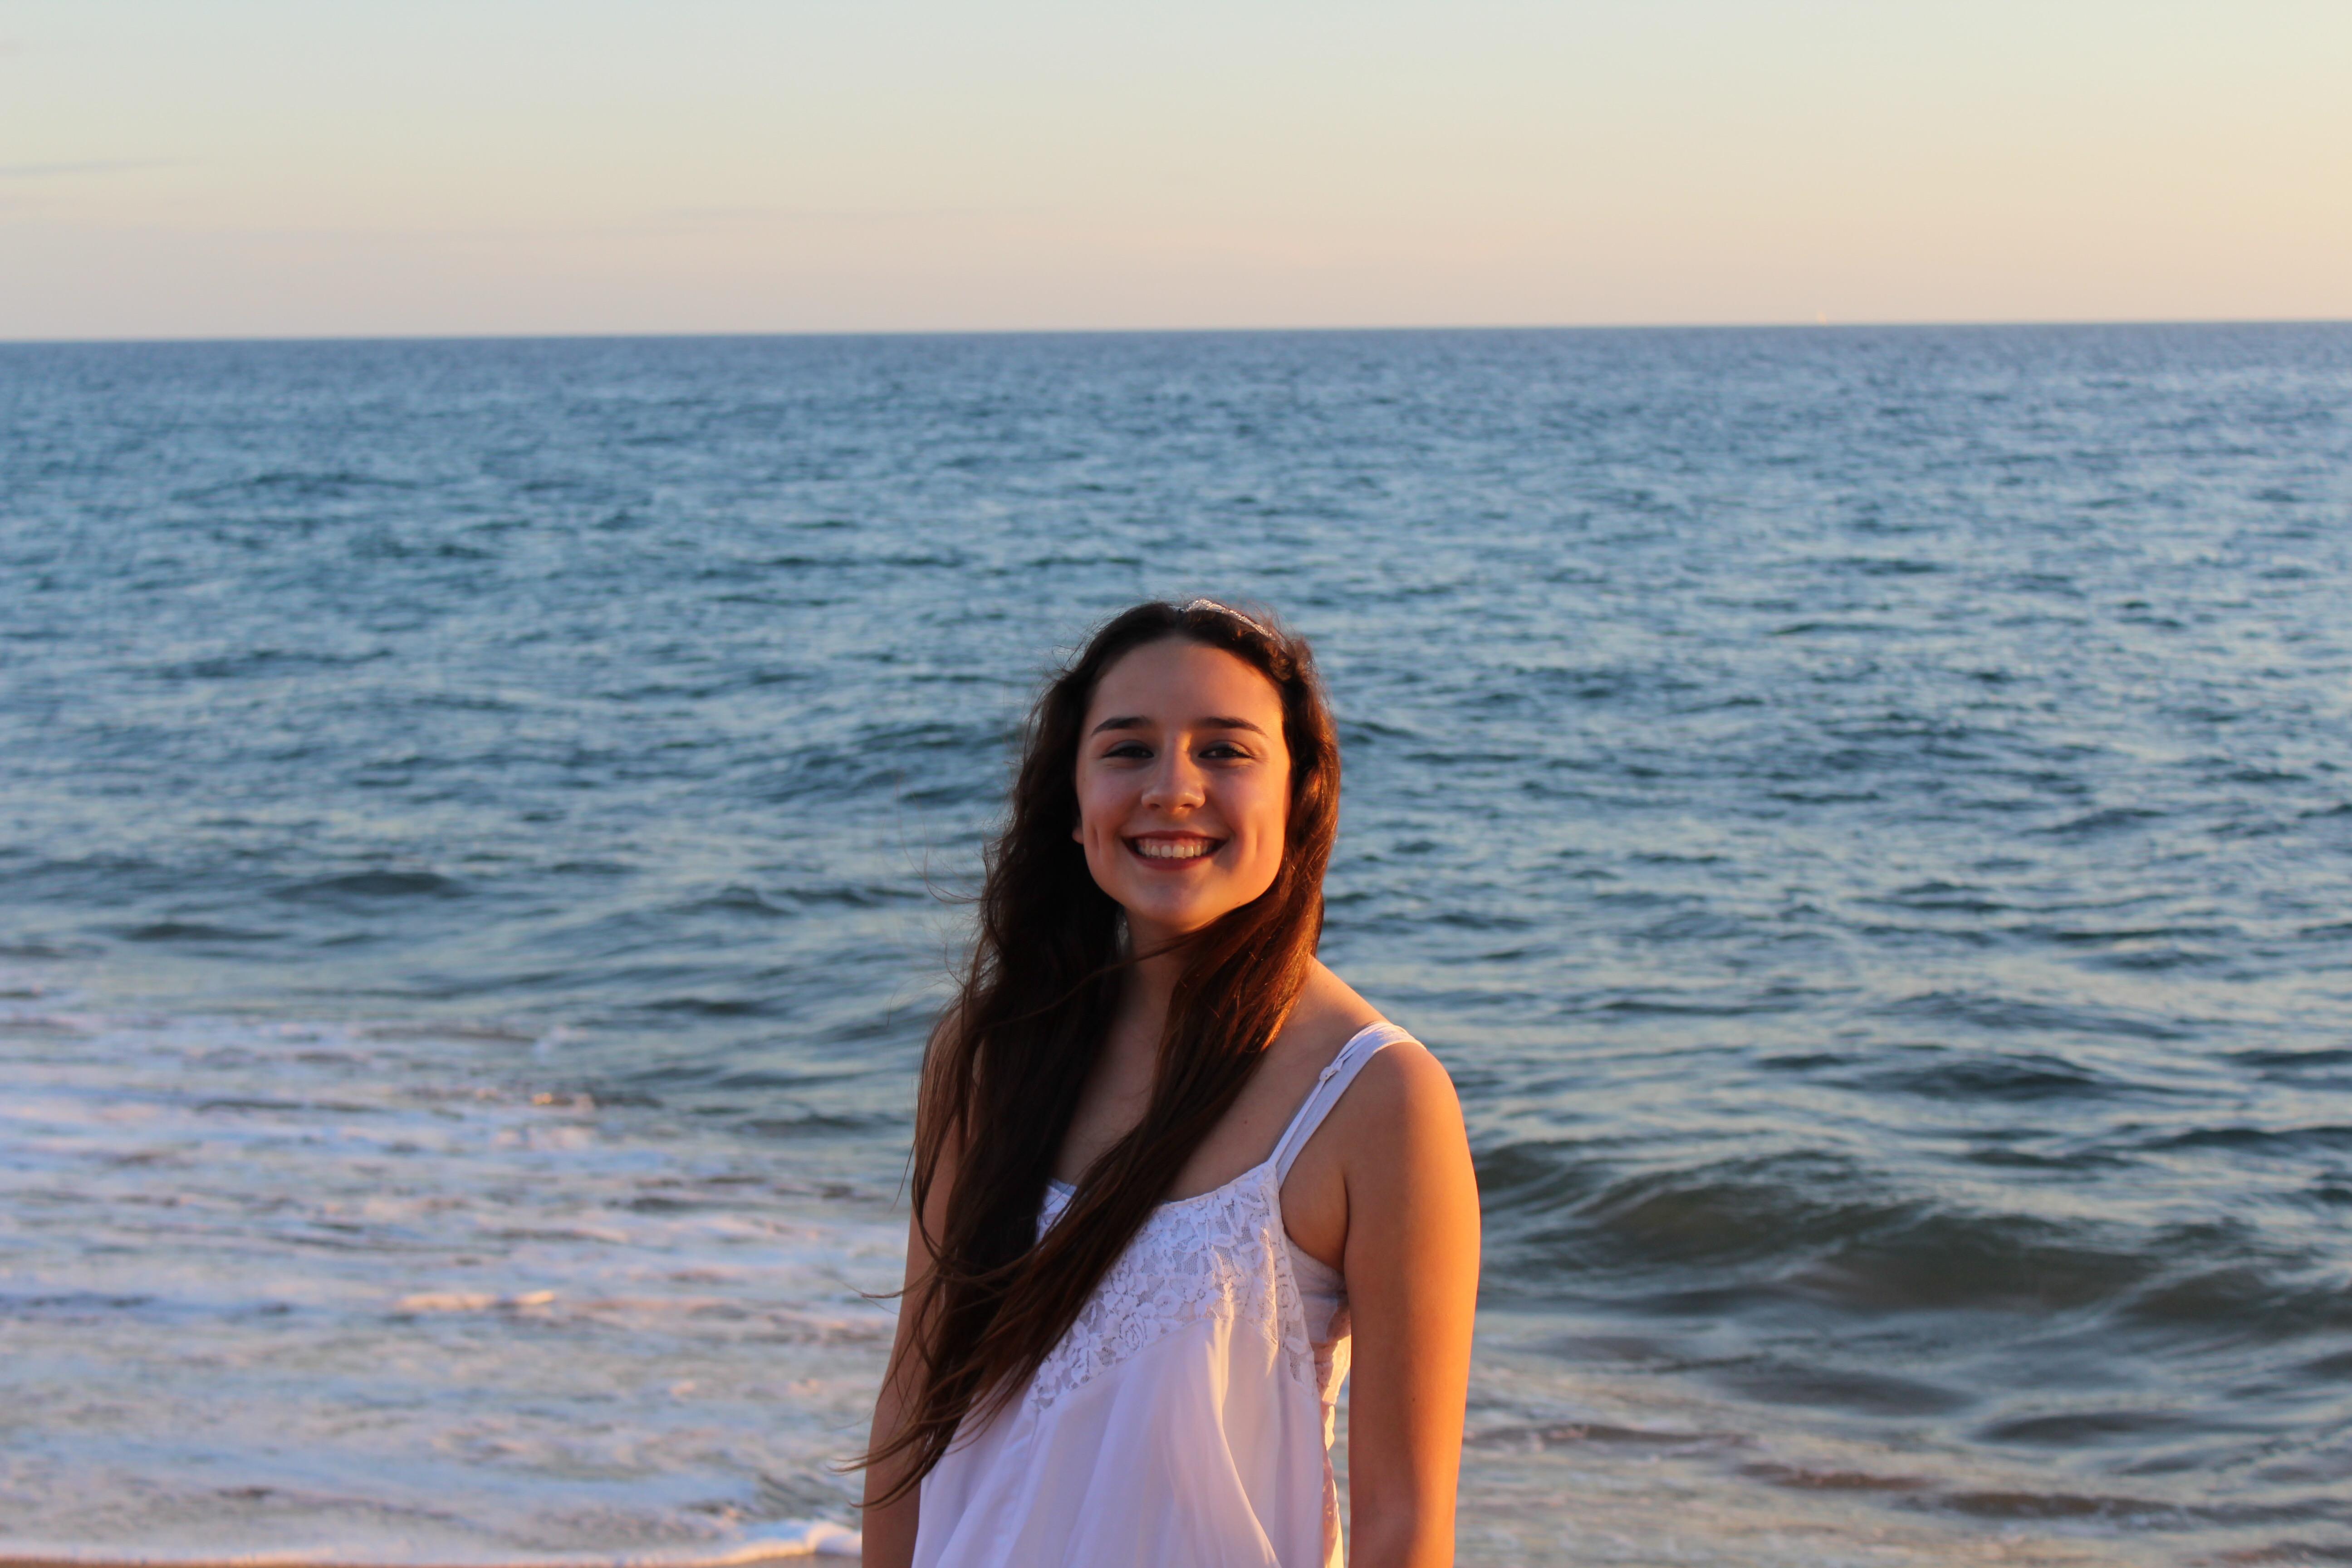 Student Spotlight: Abigail V.